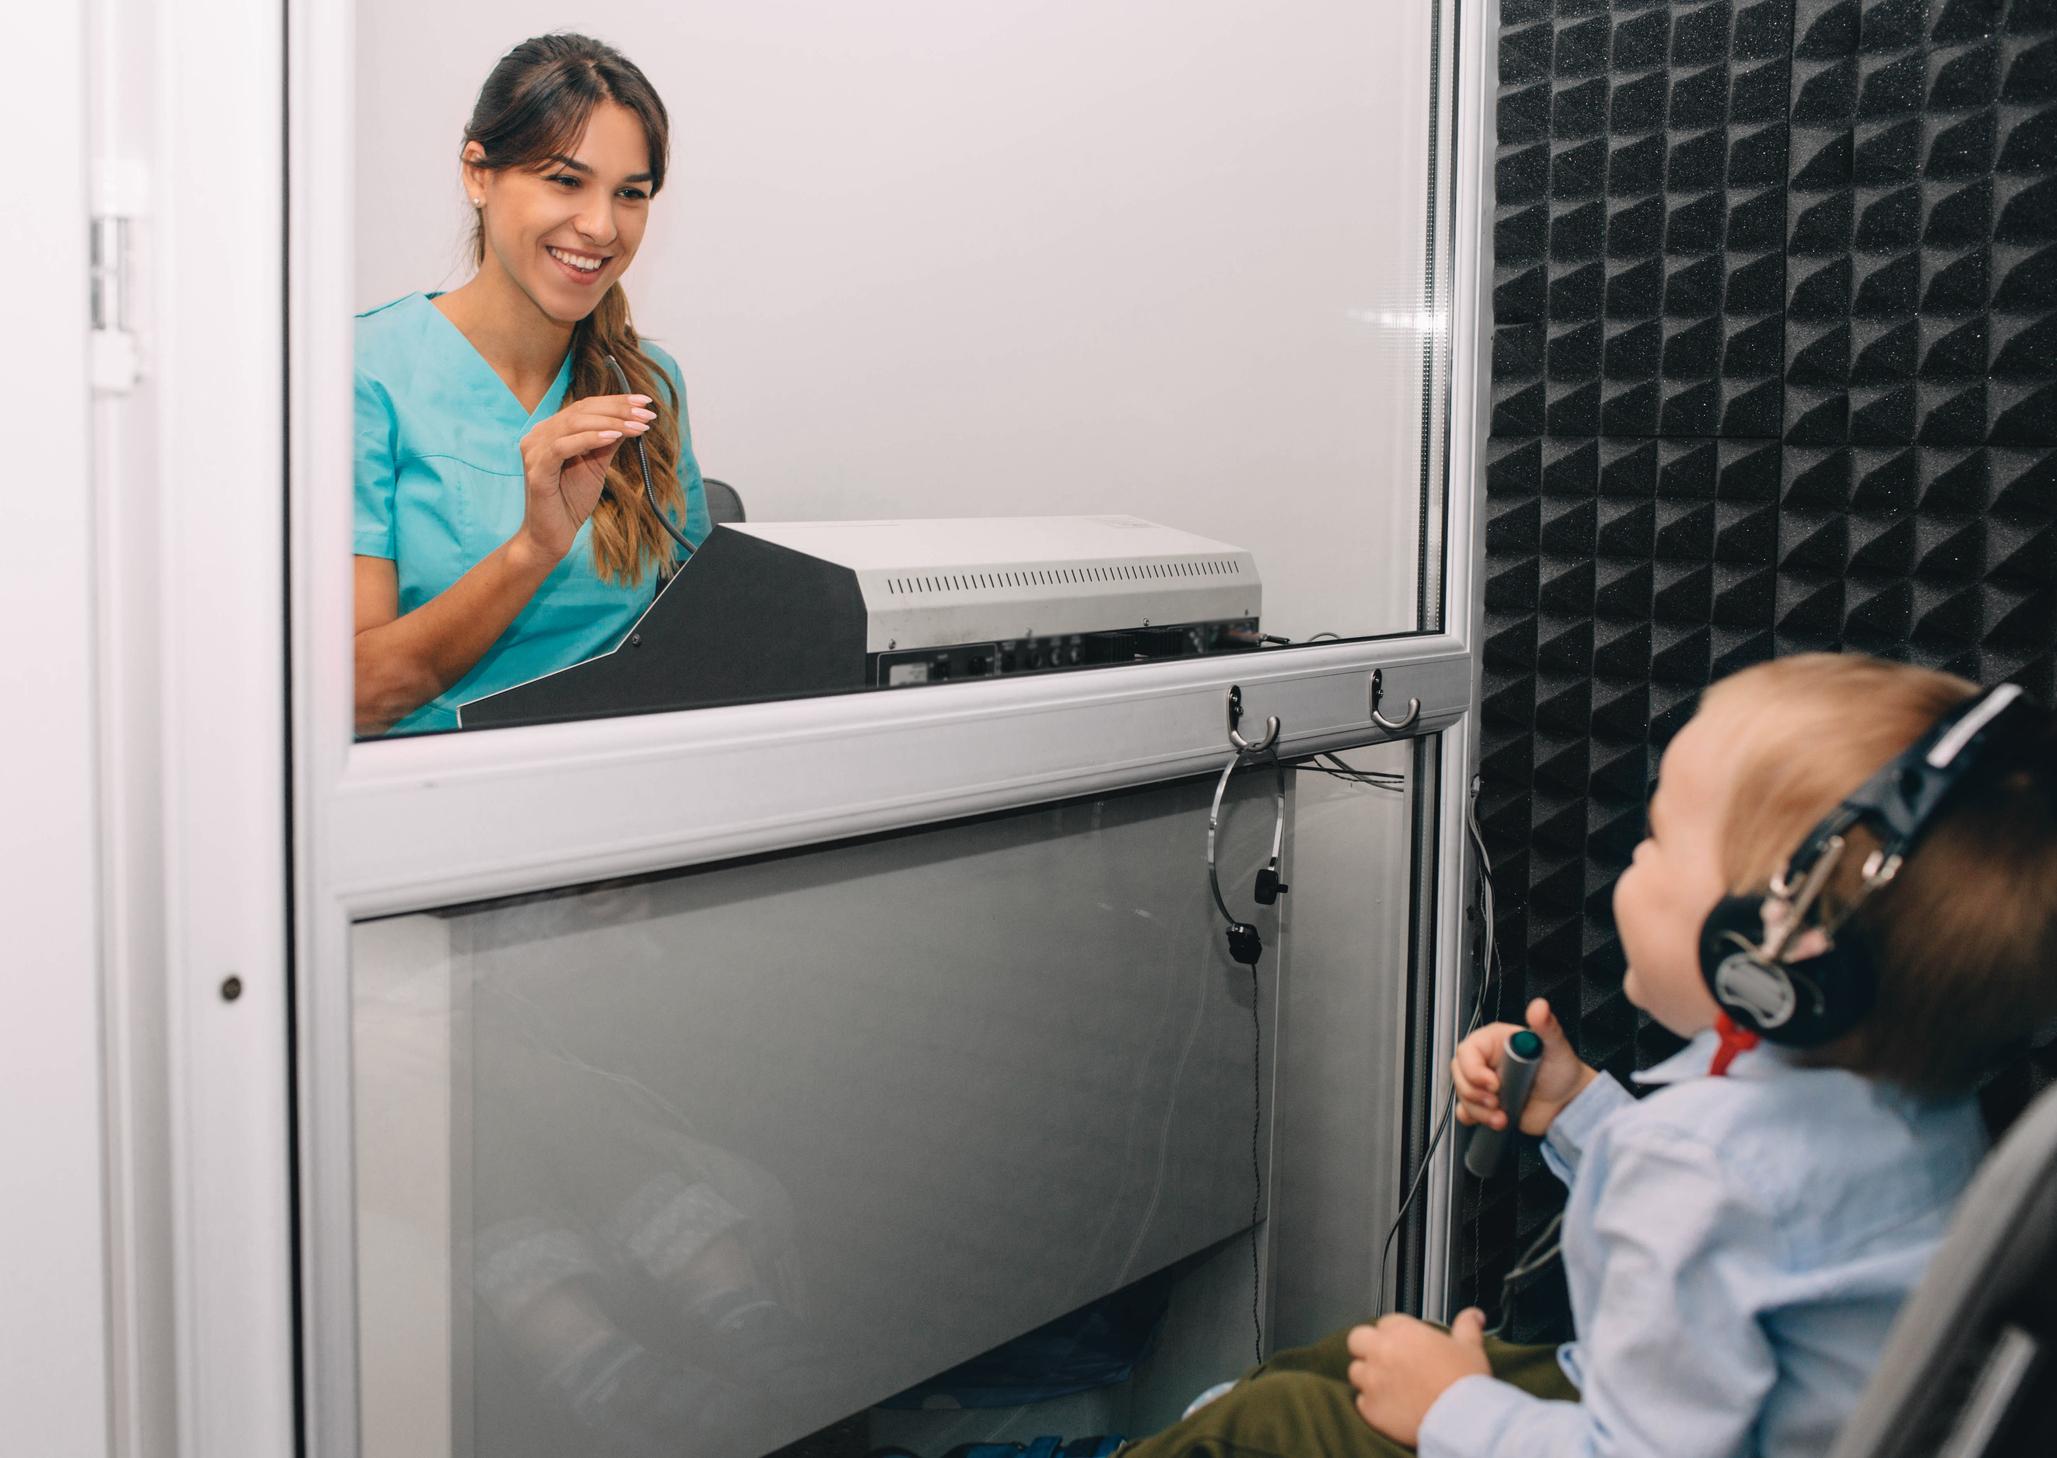 Preste atenção se o seu bebê parece não se incomodar com barulhos estranhos ou se ele tem mais de três anos e ainda demonstra dificuldade de formar palavras e se comunicar.